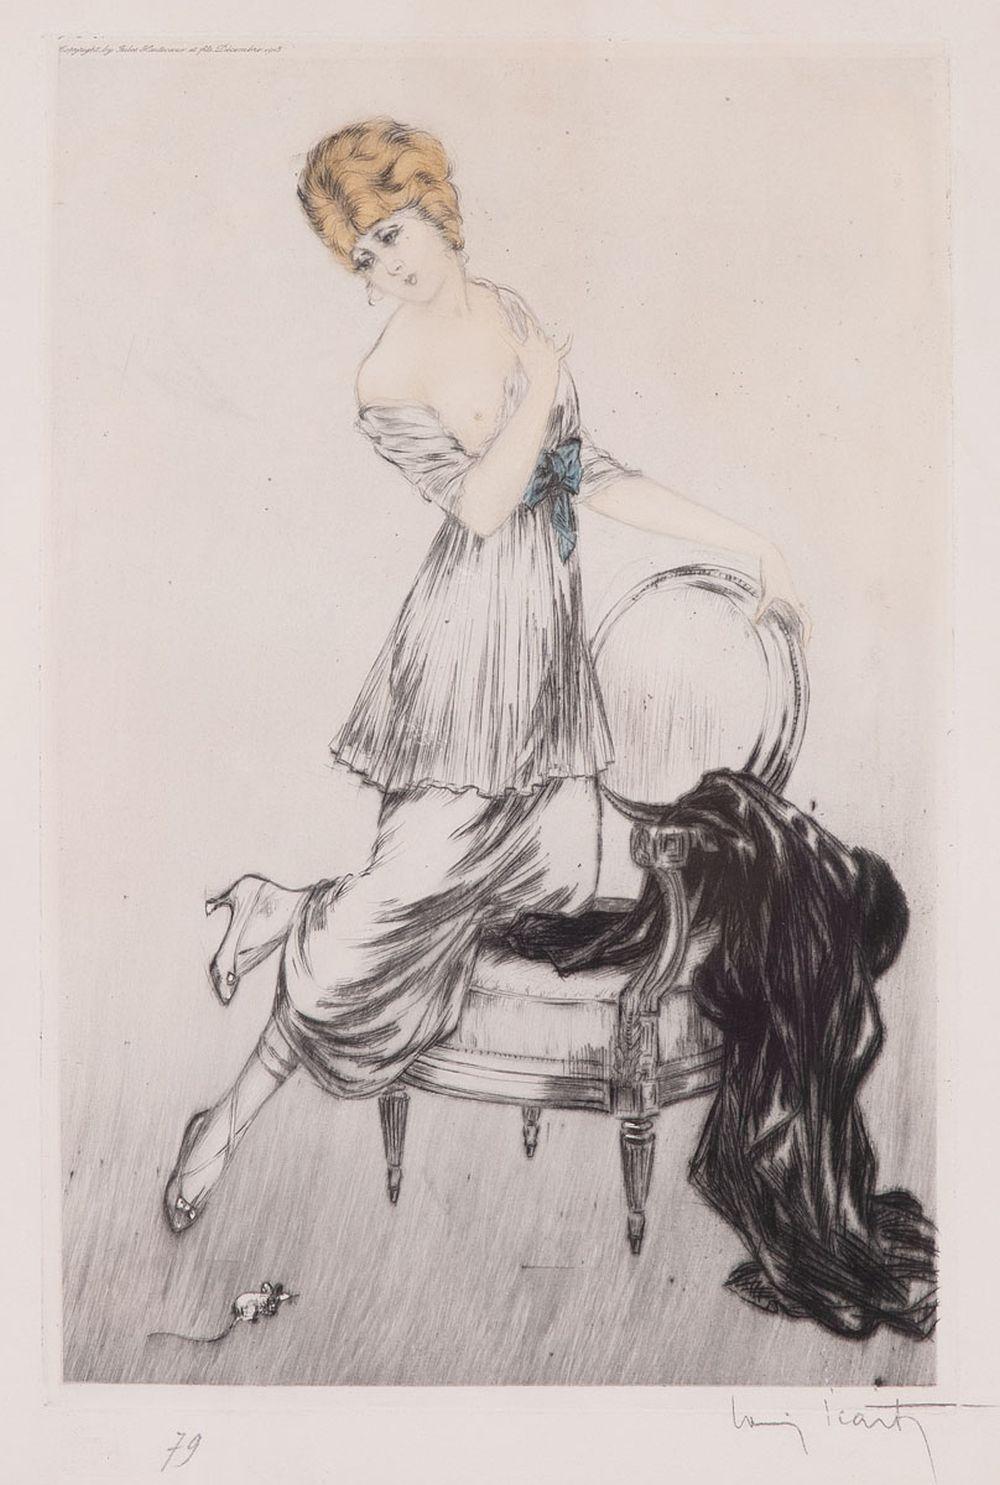 Louis ICART (Toulouse, 1888 - Paris, 1950). - Souris.